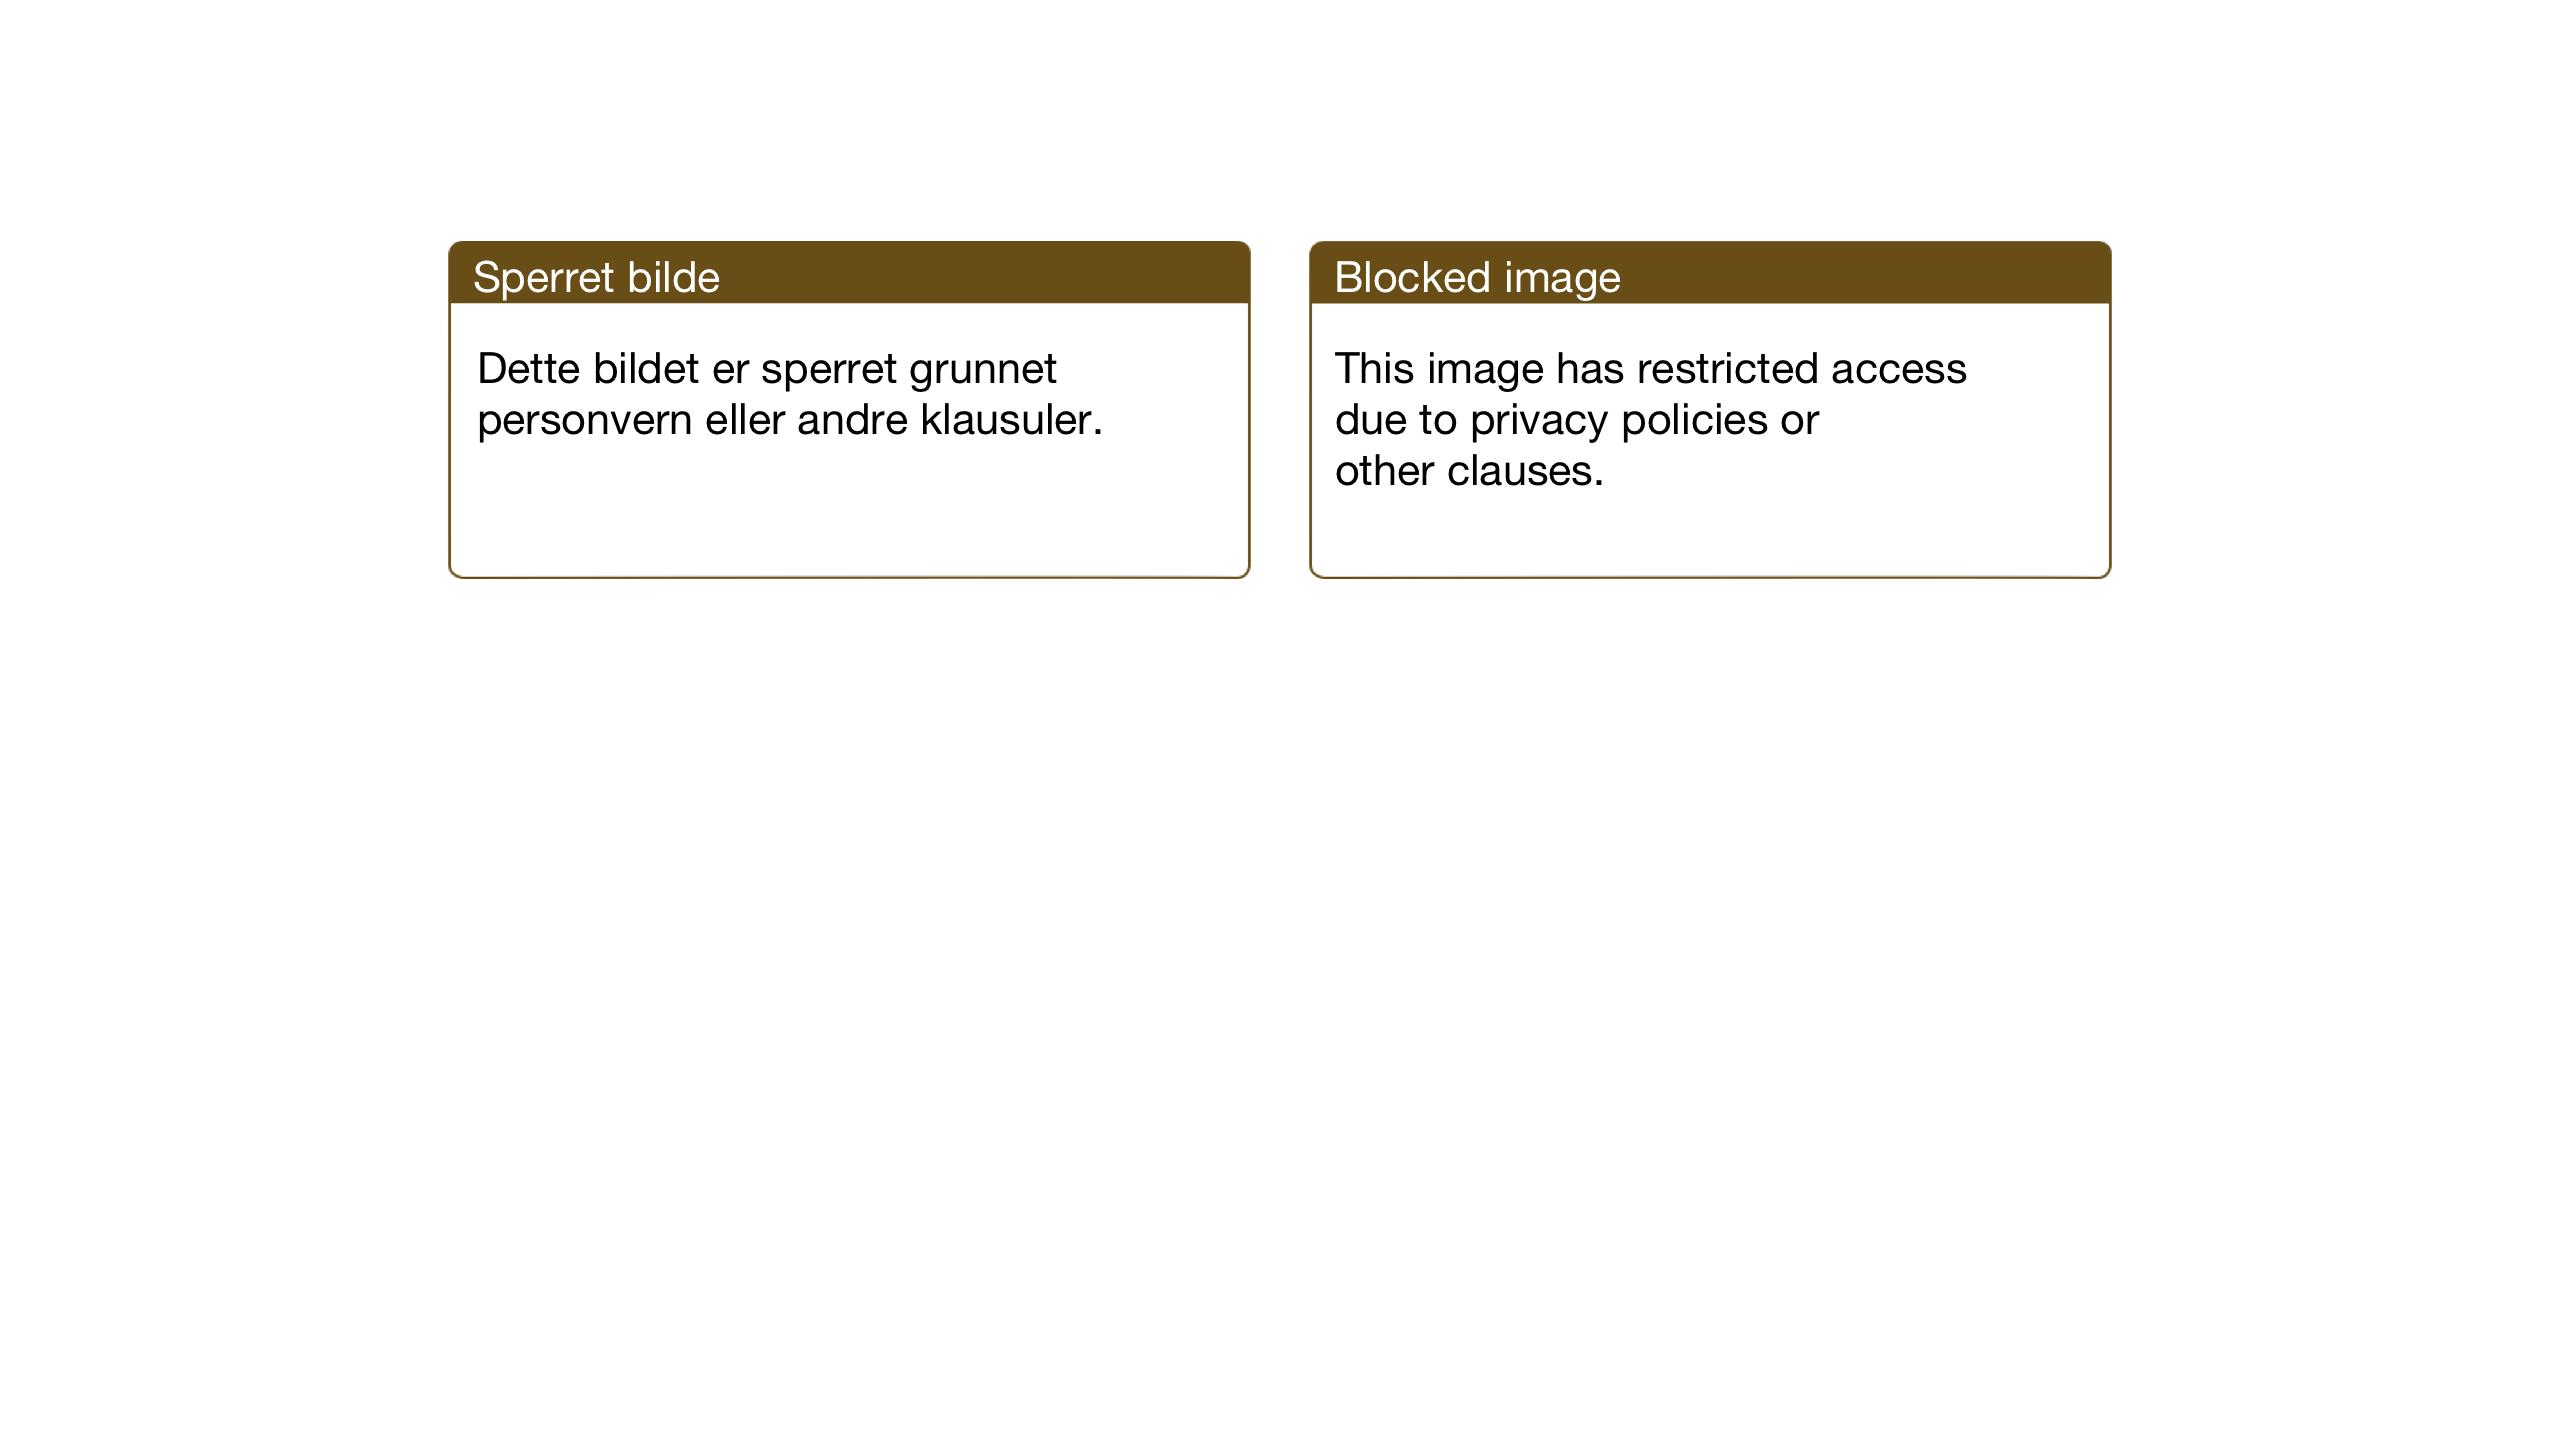 SAT, Ministerialprotokoller, klokkerbøker og fødselsregistre - Sør-Trøndelag, 688/L1030: Klokkerbok nr. 688C05, 1916-1939, s. 54